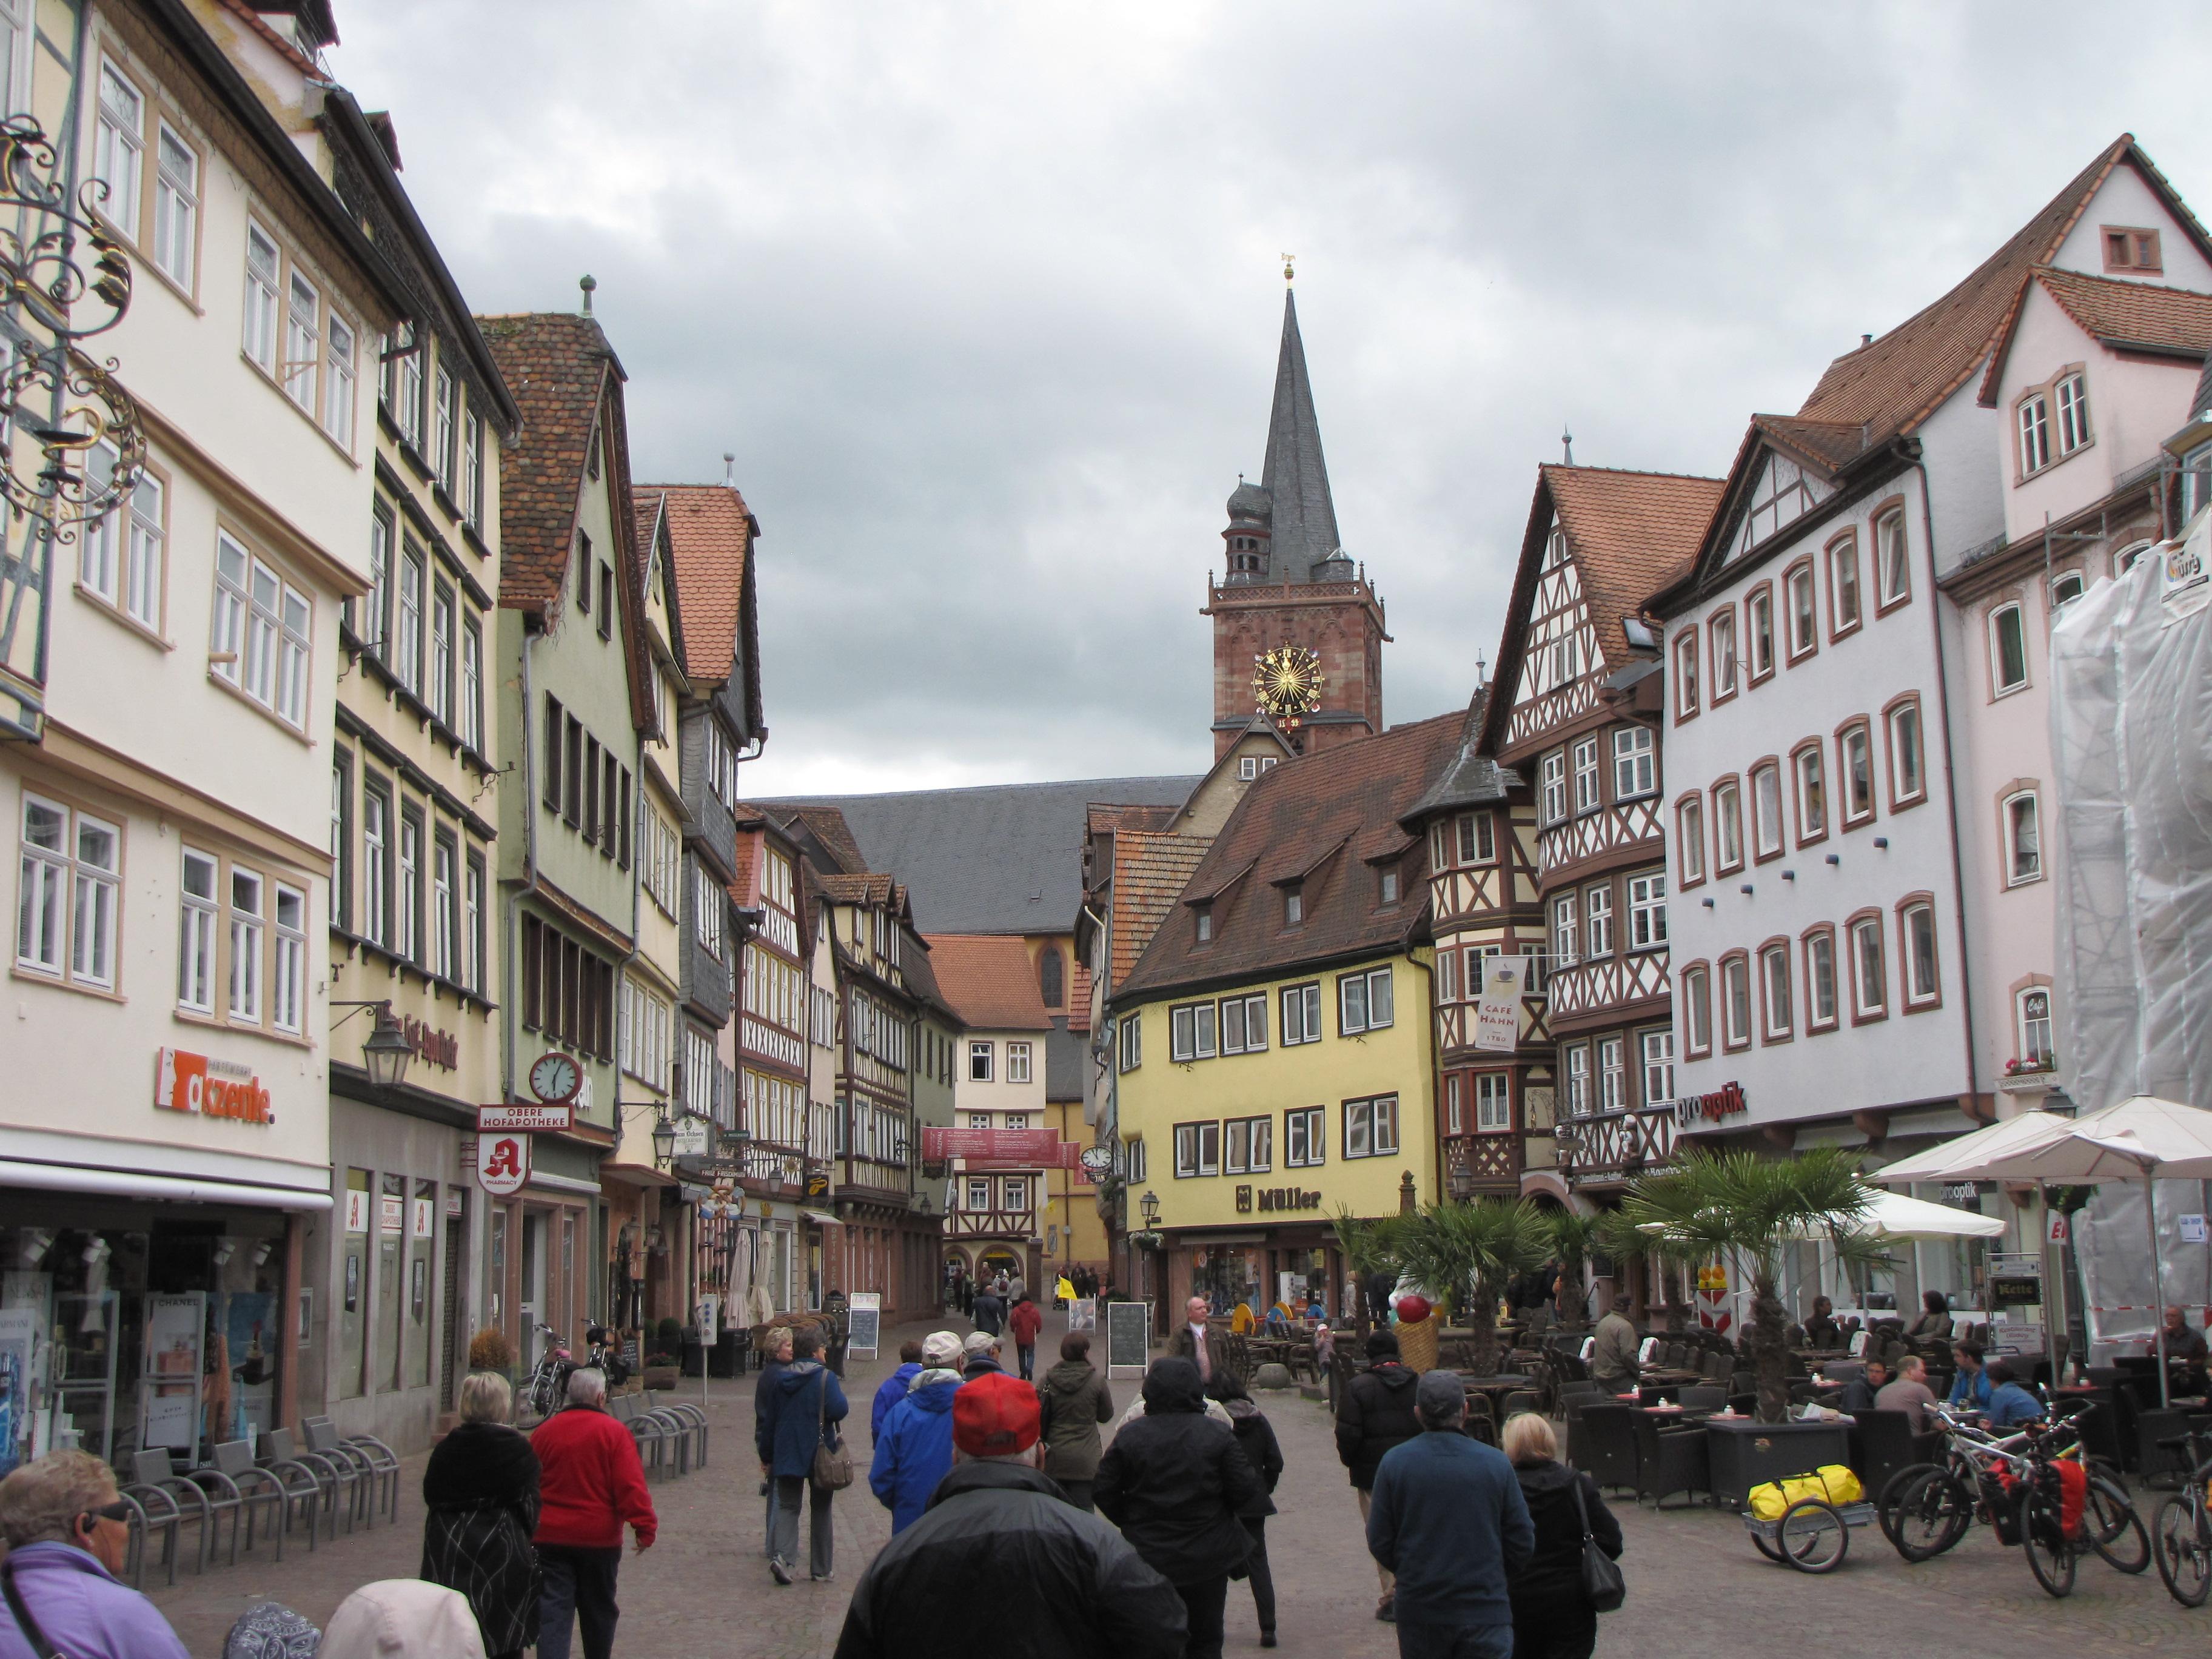 AmaWaterways Excursions to Towns of Miltenberg & Wertheim, Germany ...